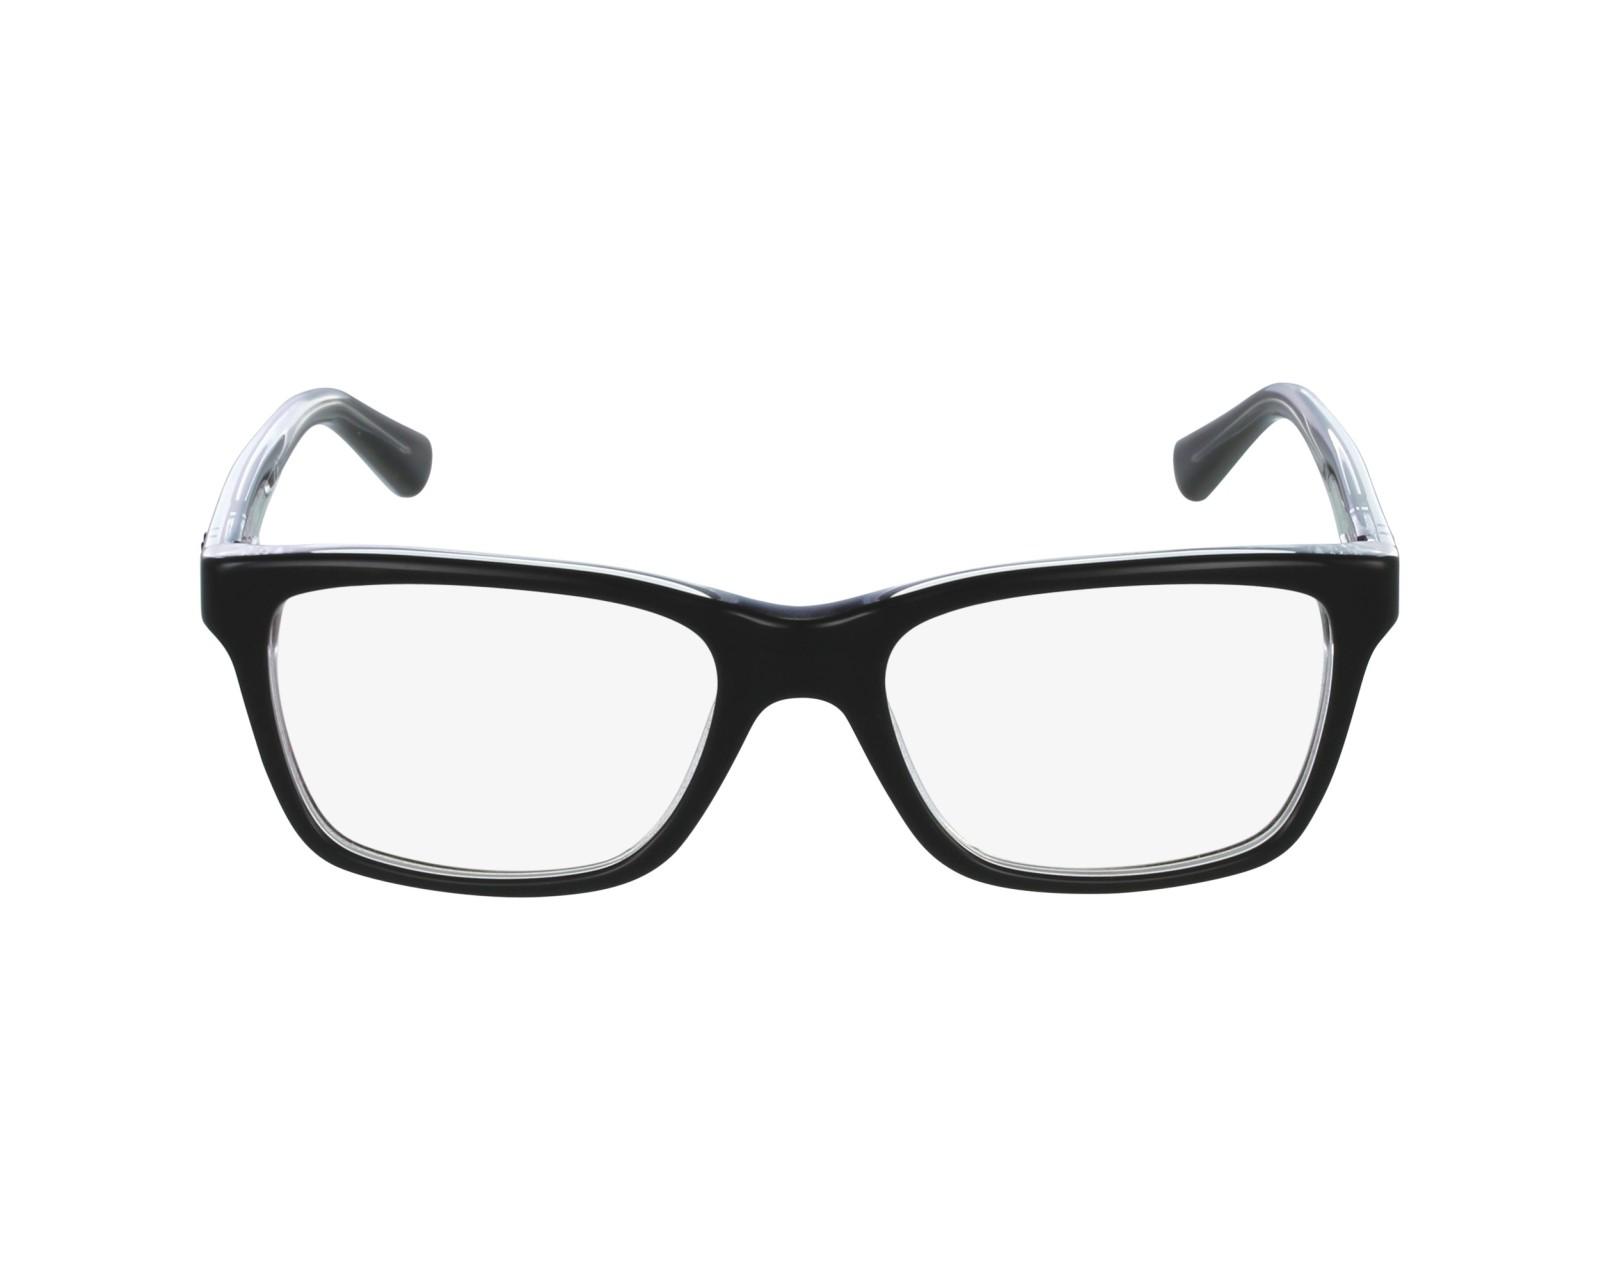 703b582002 eyeglasses Ray-Ban RY-1536 3529 48-16 Black Crystal profile view